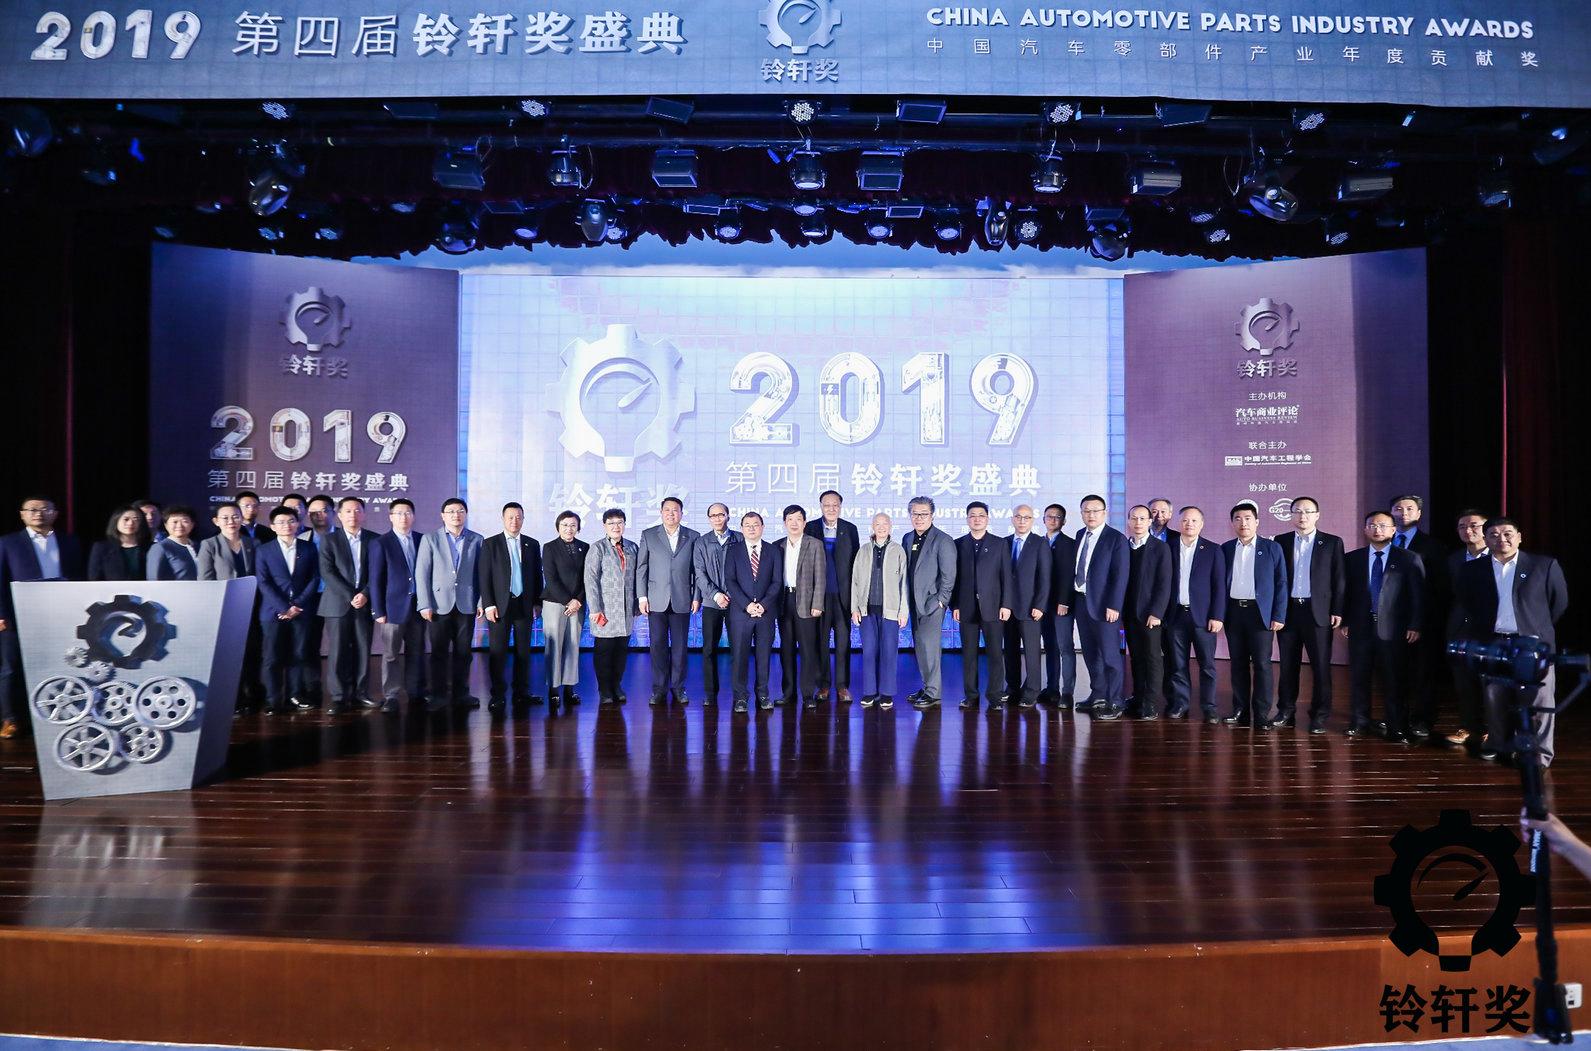 法士特荣获中国汽车零部件底盘类年度贡献奖